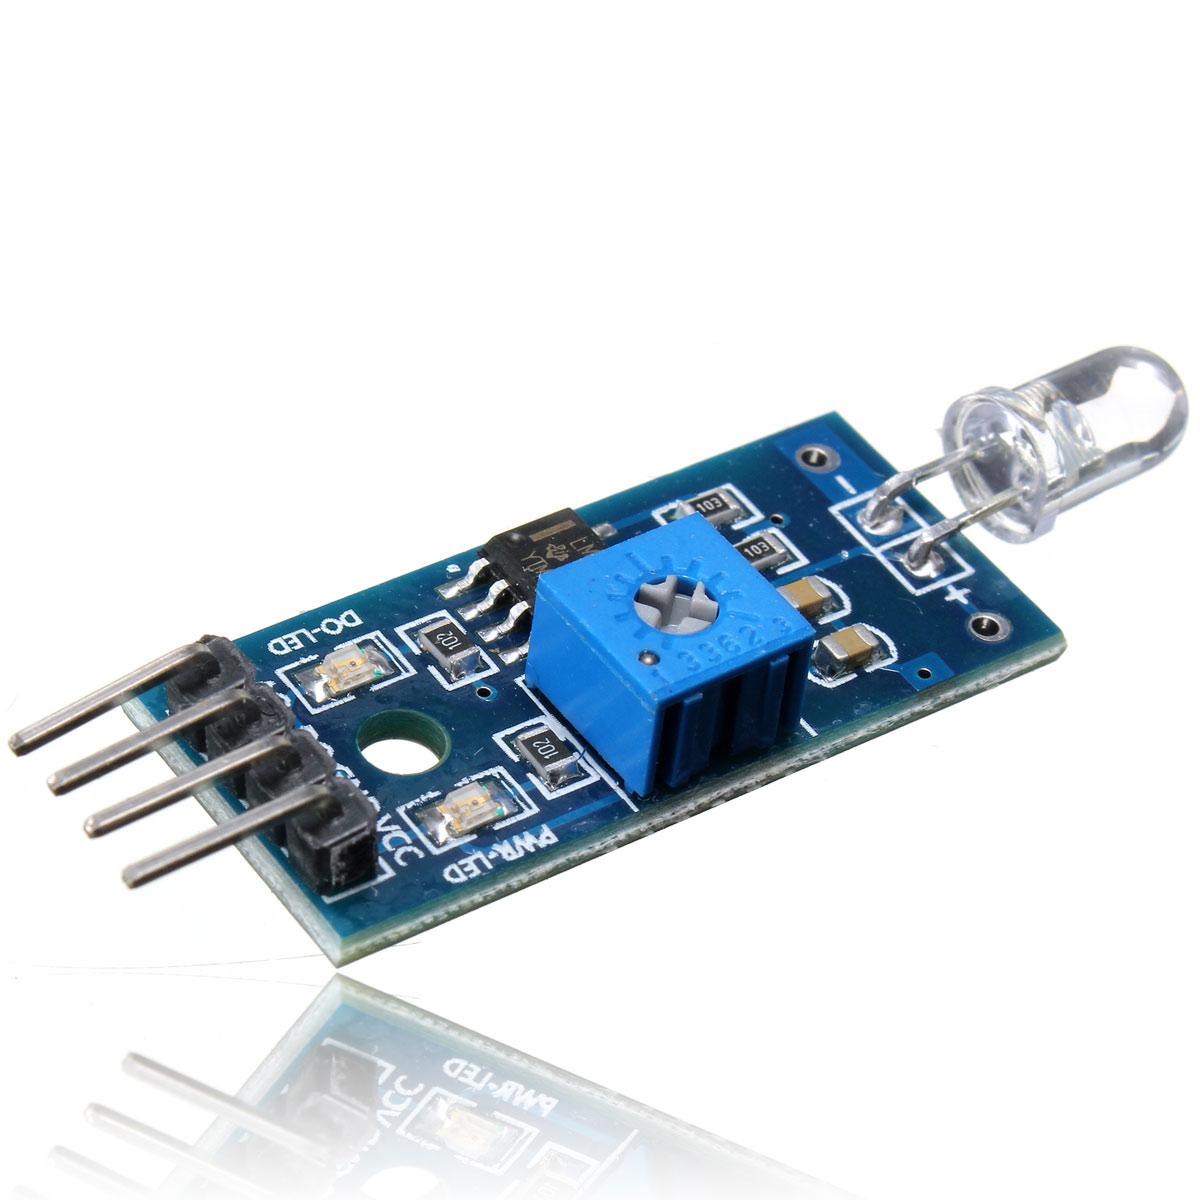 Pin photodiode photosensitive detection sensor module for